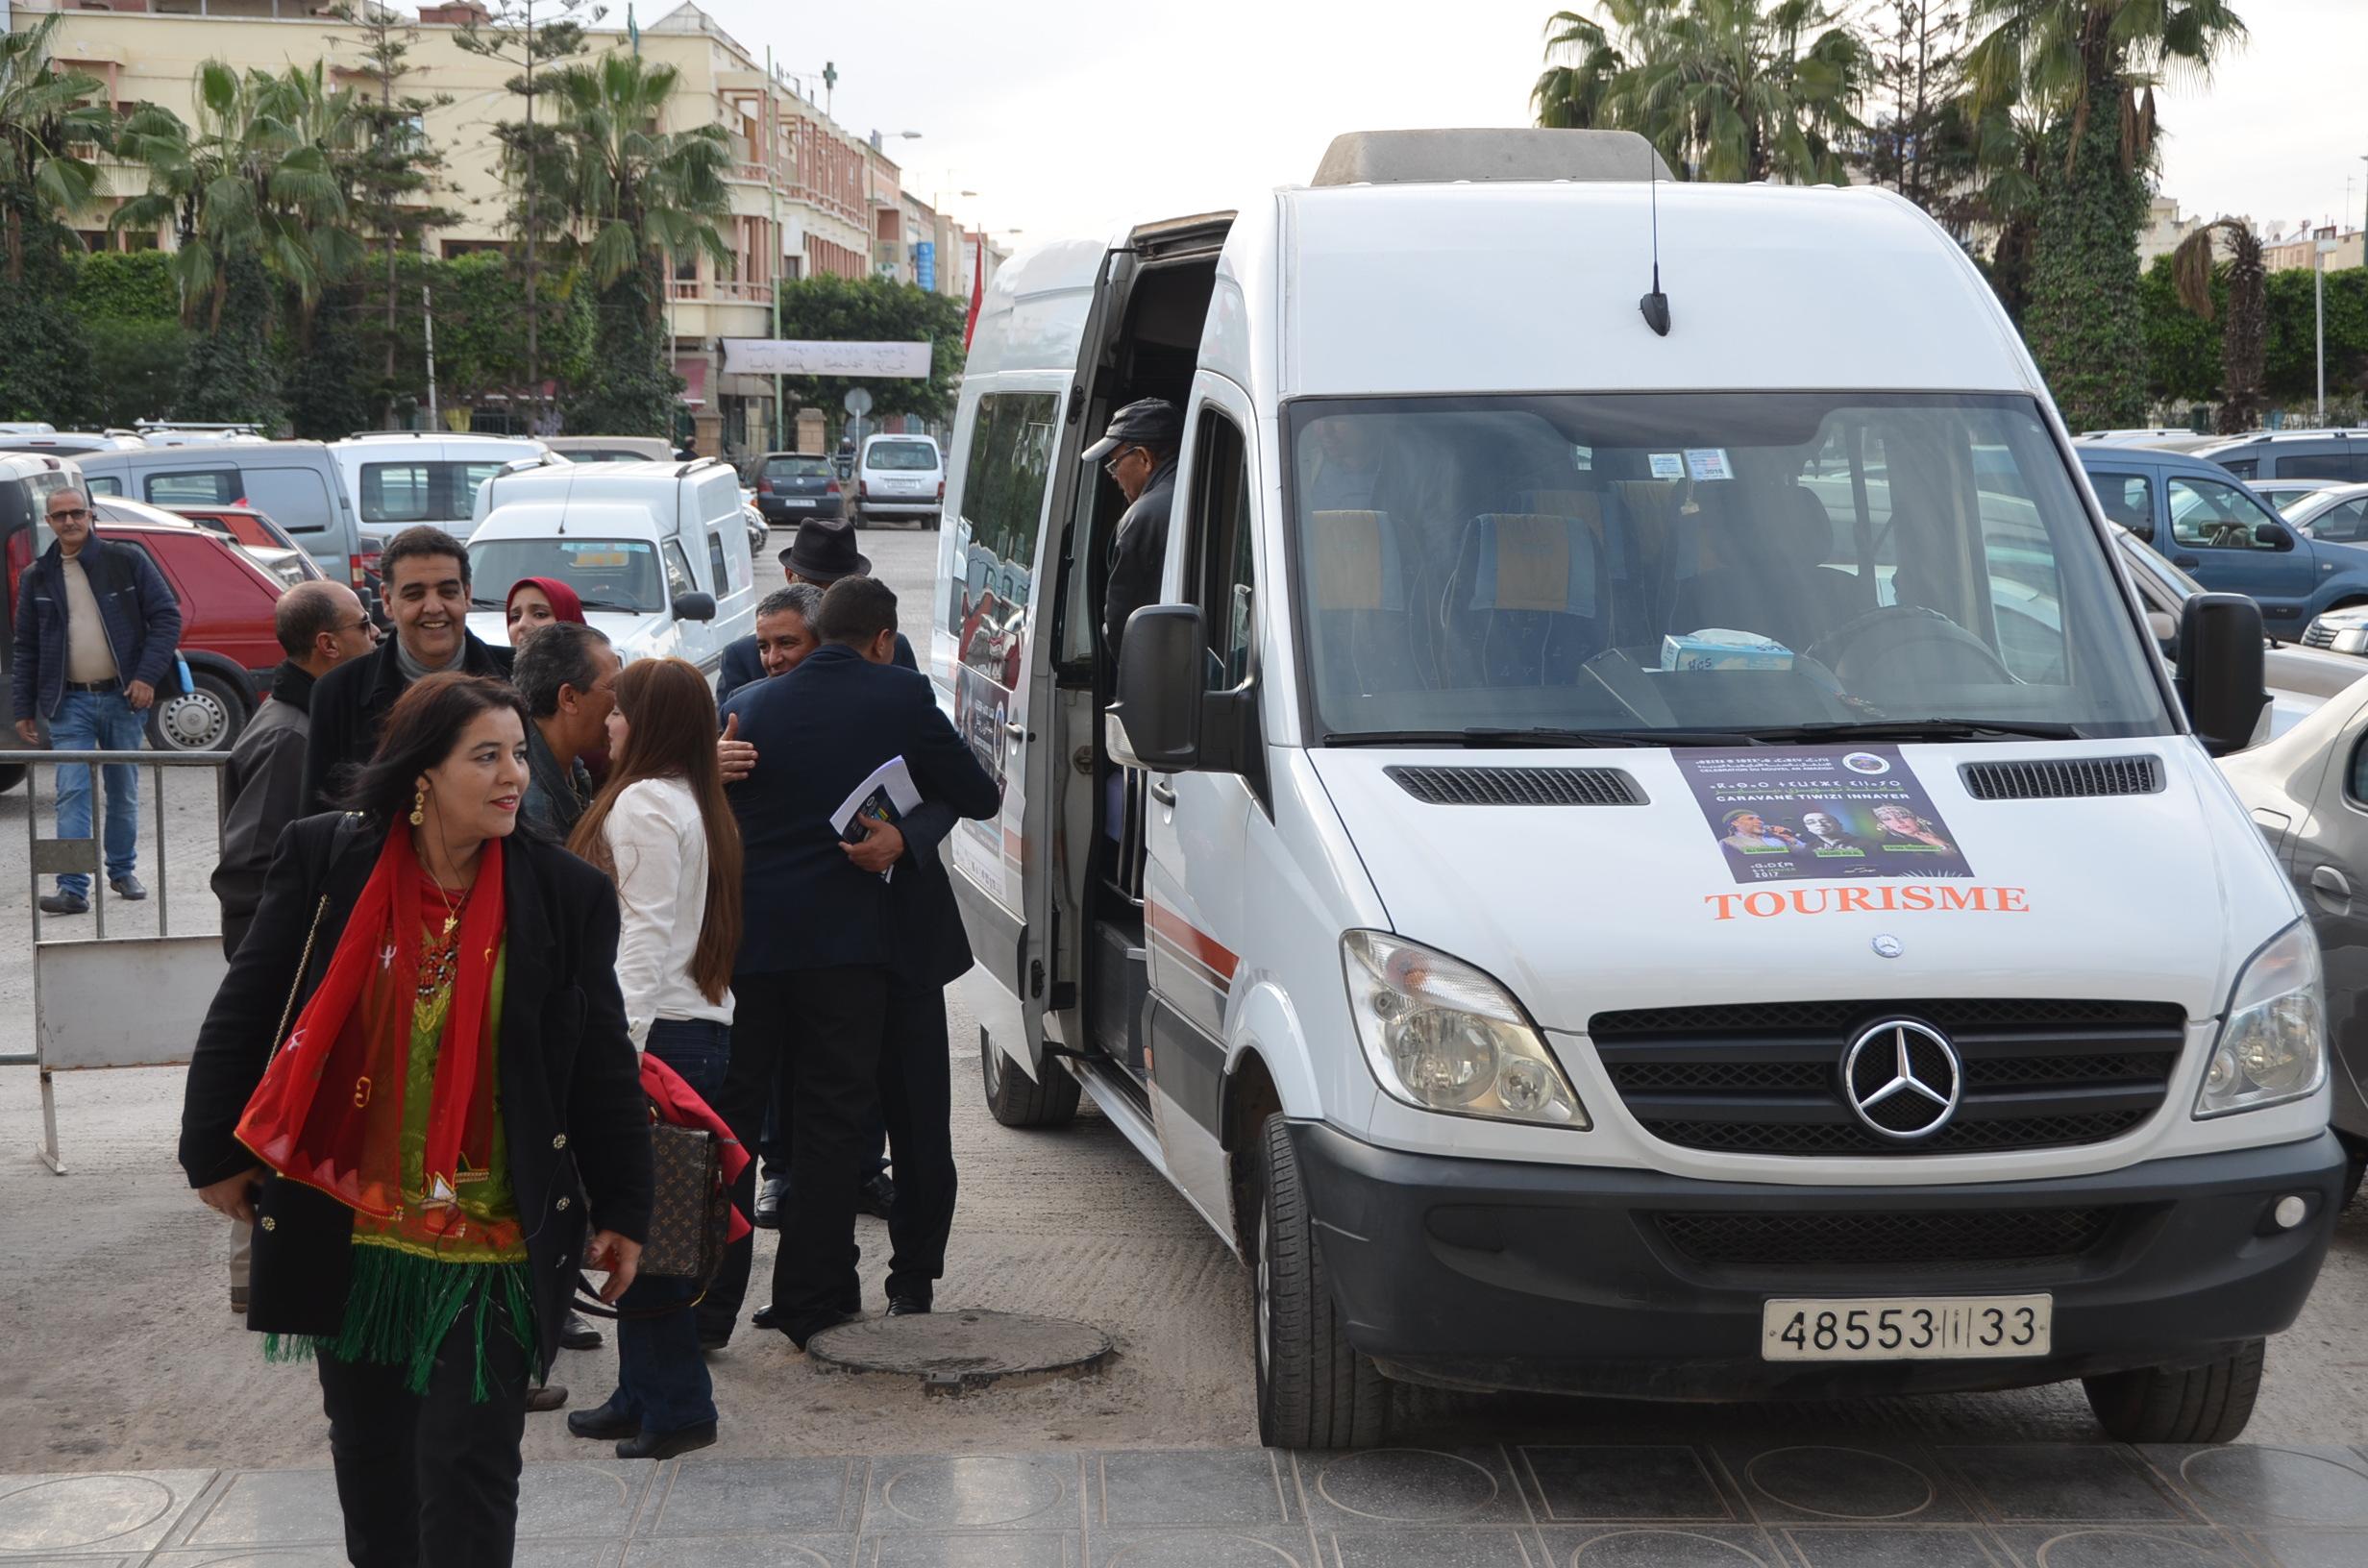 إنزكان: بالصور.. منظمة تماينوت تستقبل قافلة تويزي إيناير